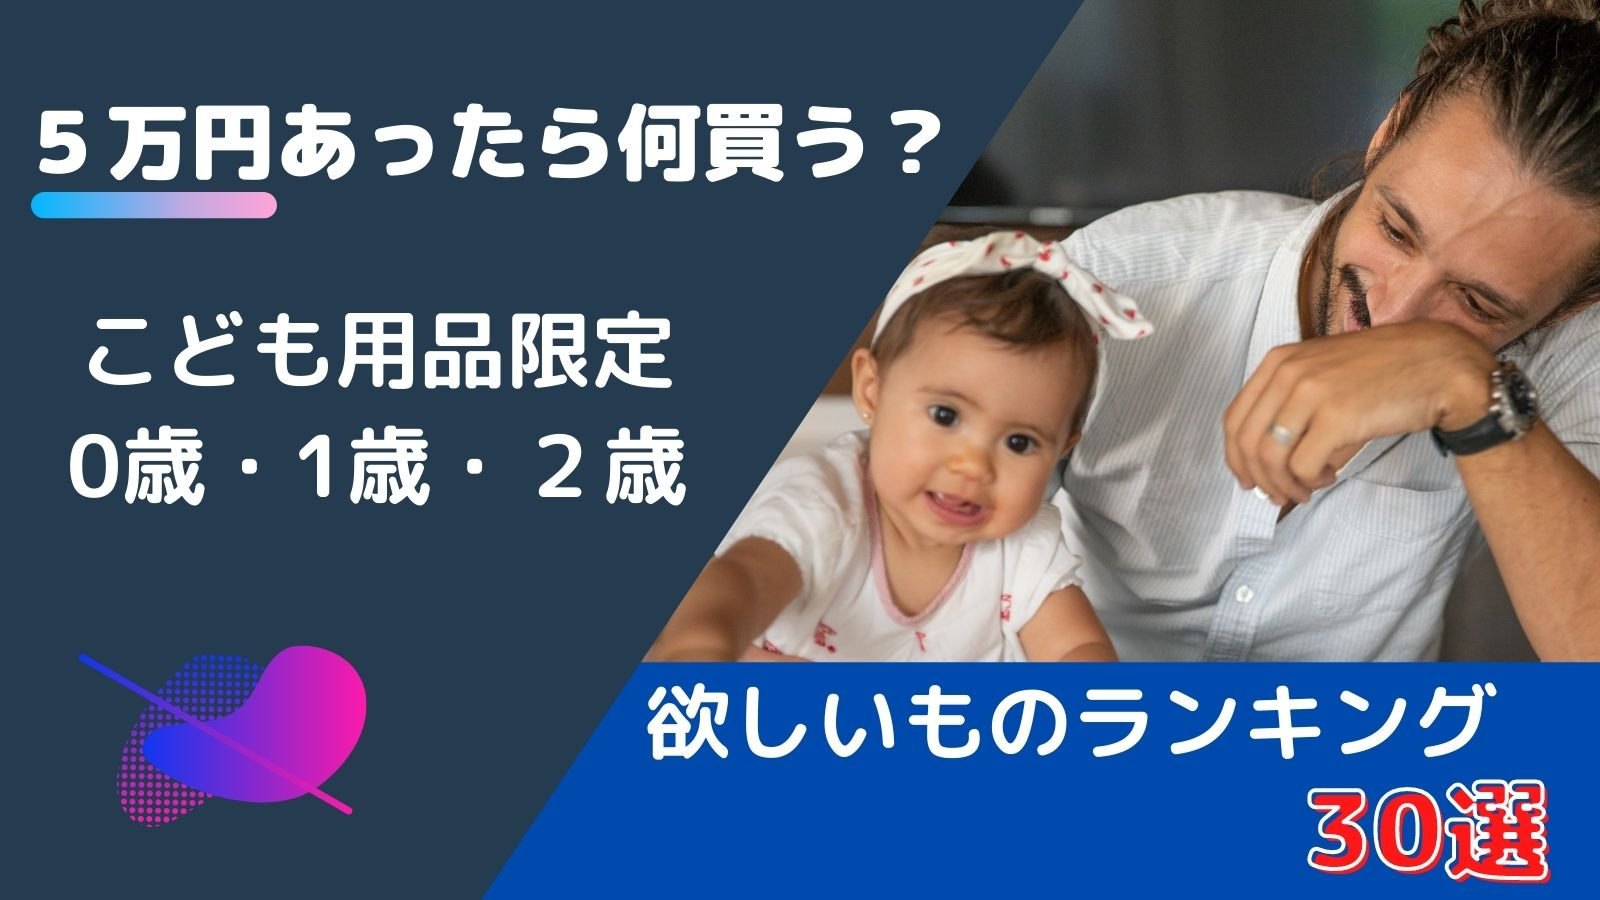 5万円あったら何買う?欲しいもの30選!【0歳・1歳・2歳こども用品限定】